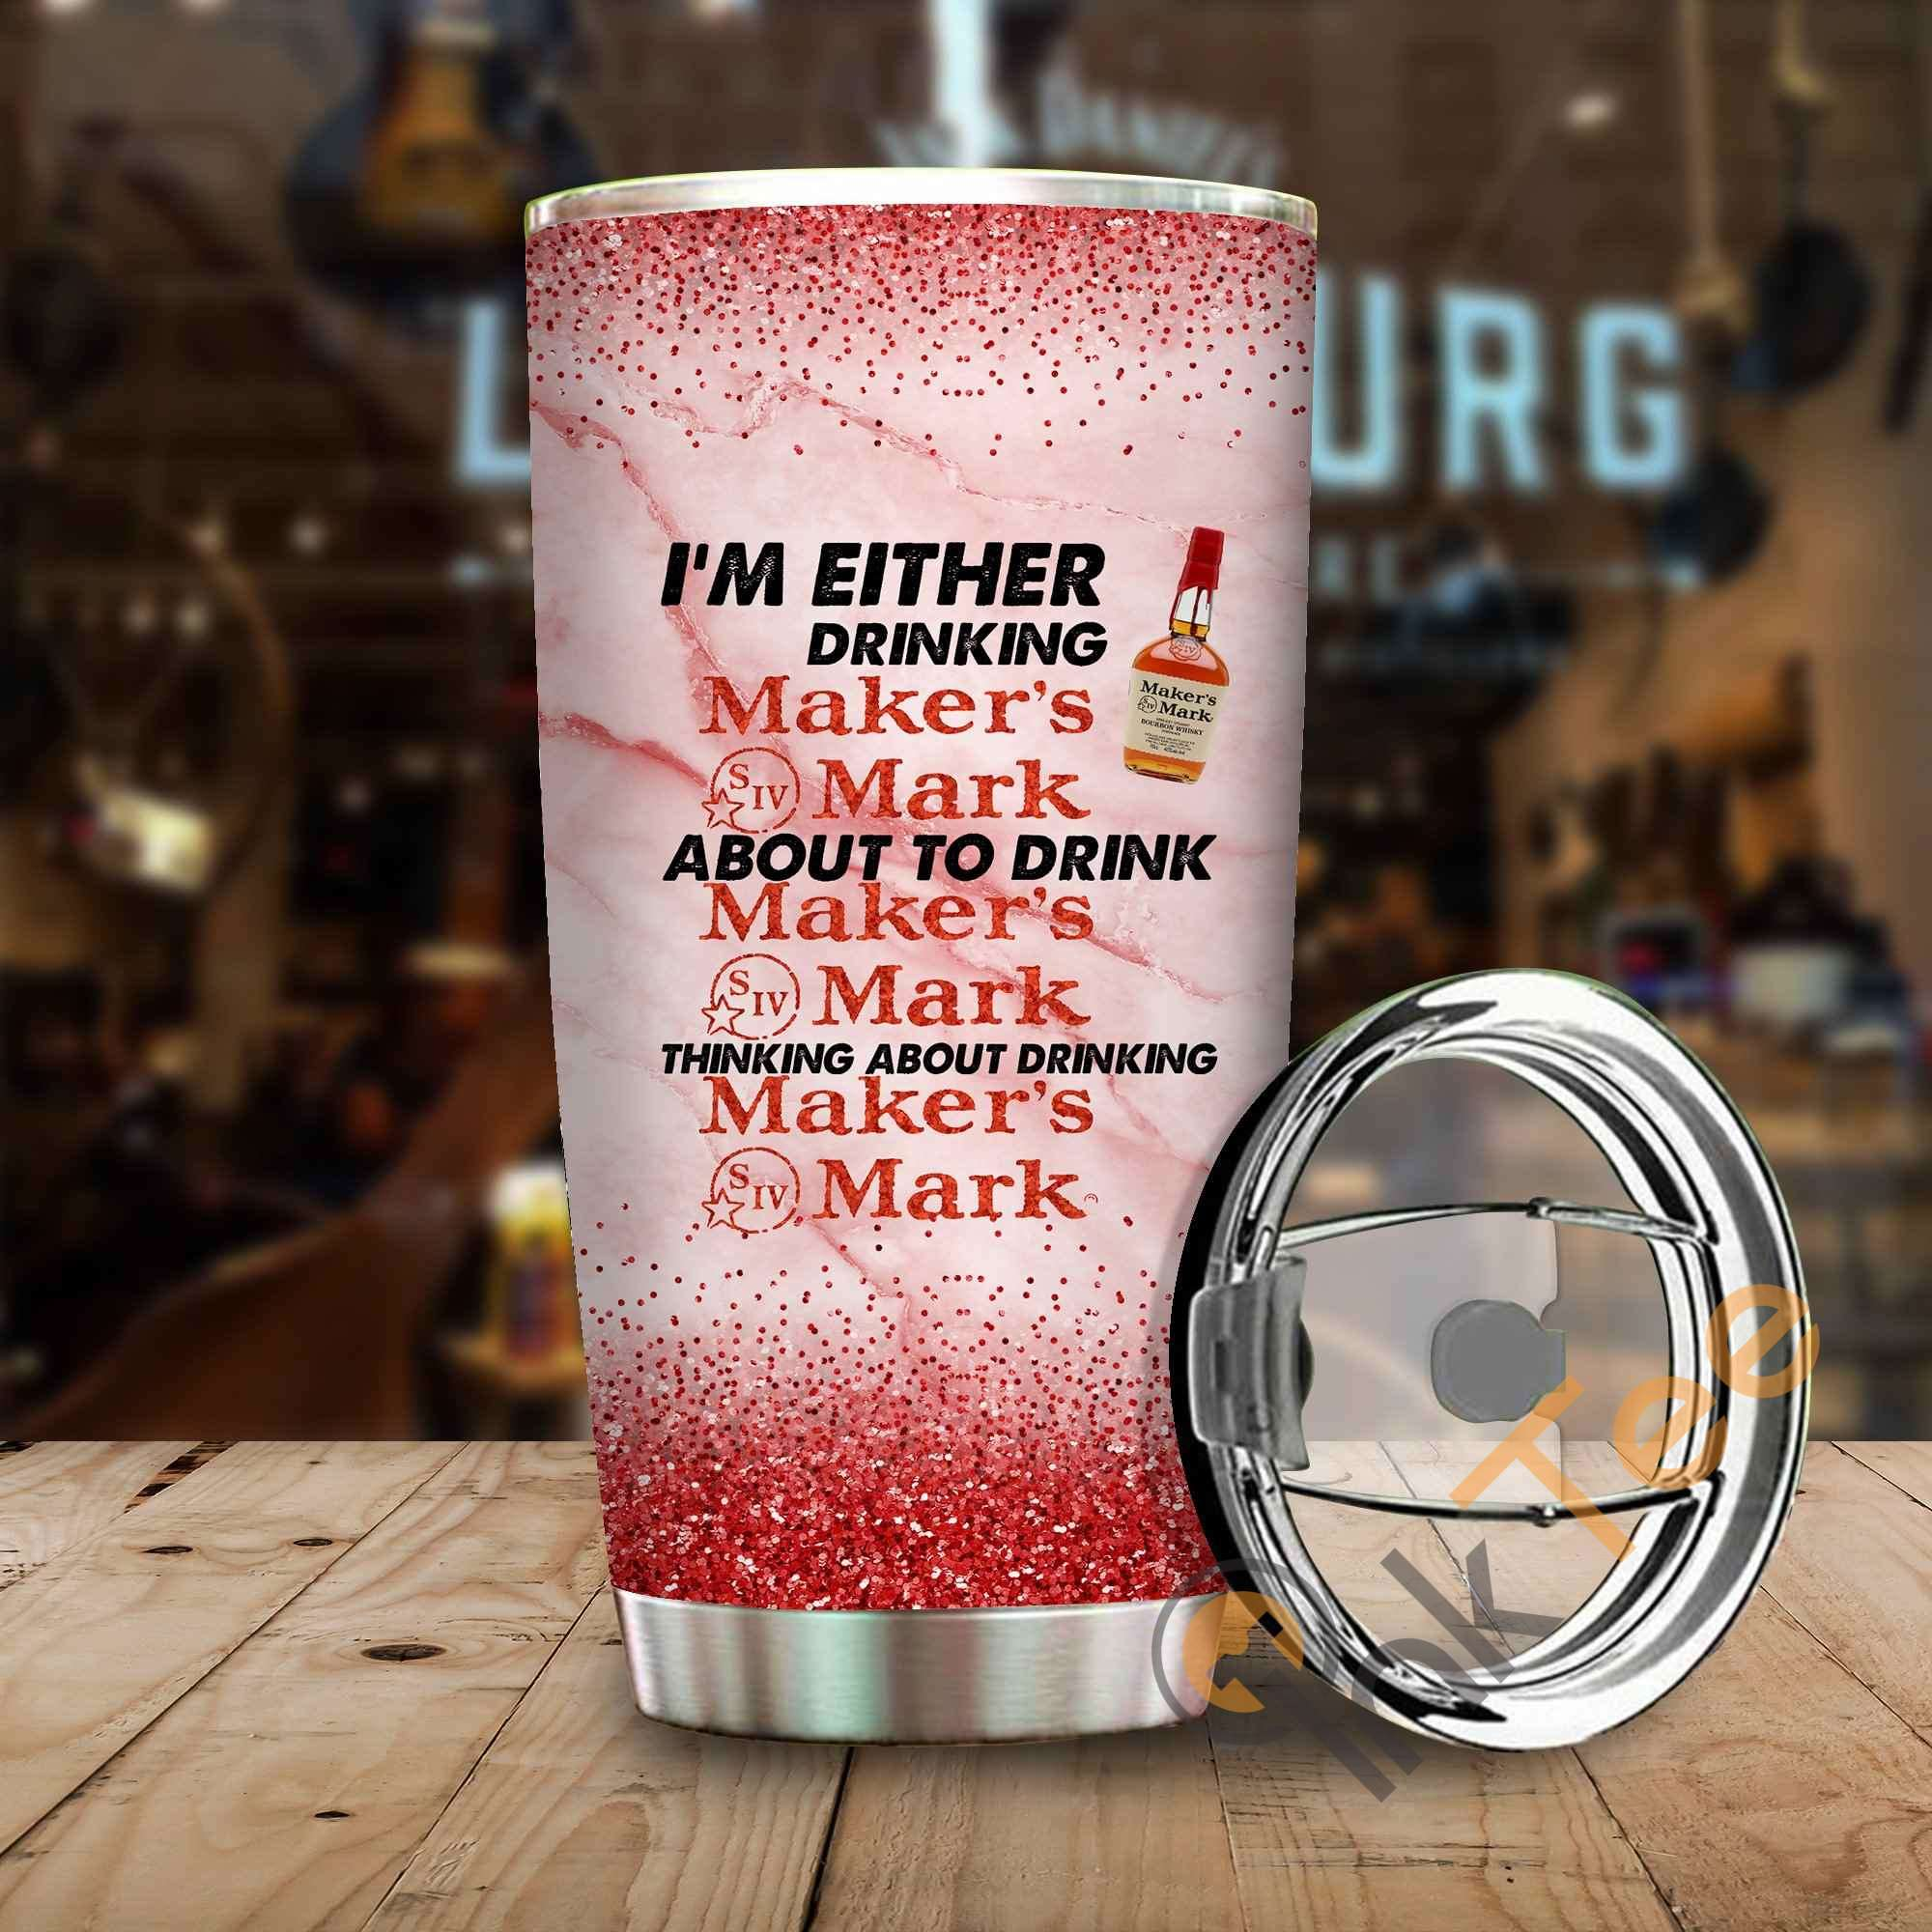 I'm Either Drinking Maker's Mark Amazon Best Seller Sku 3940 Stainless Steel Tumbler